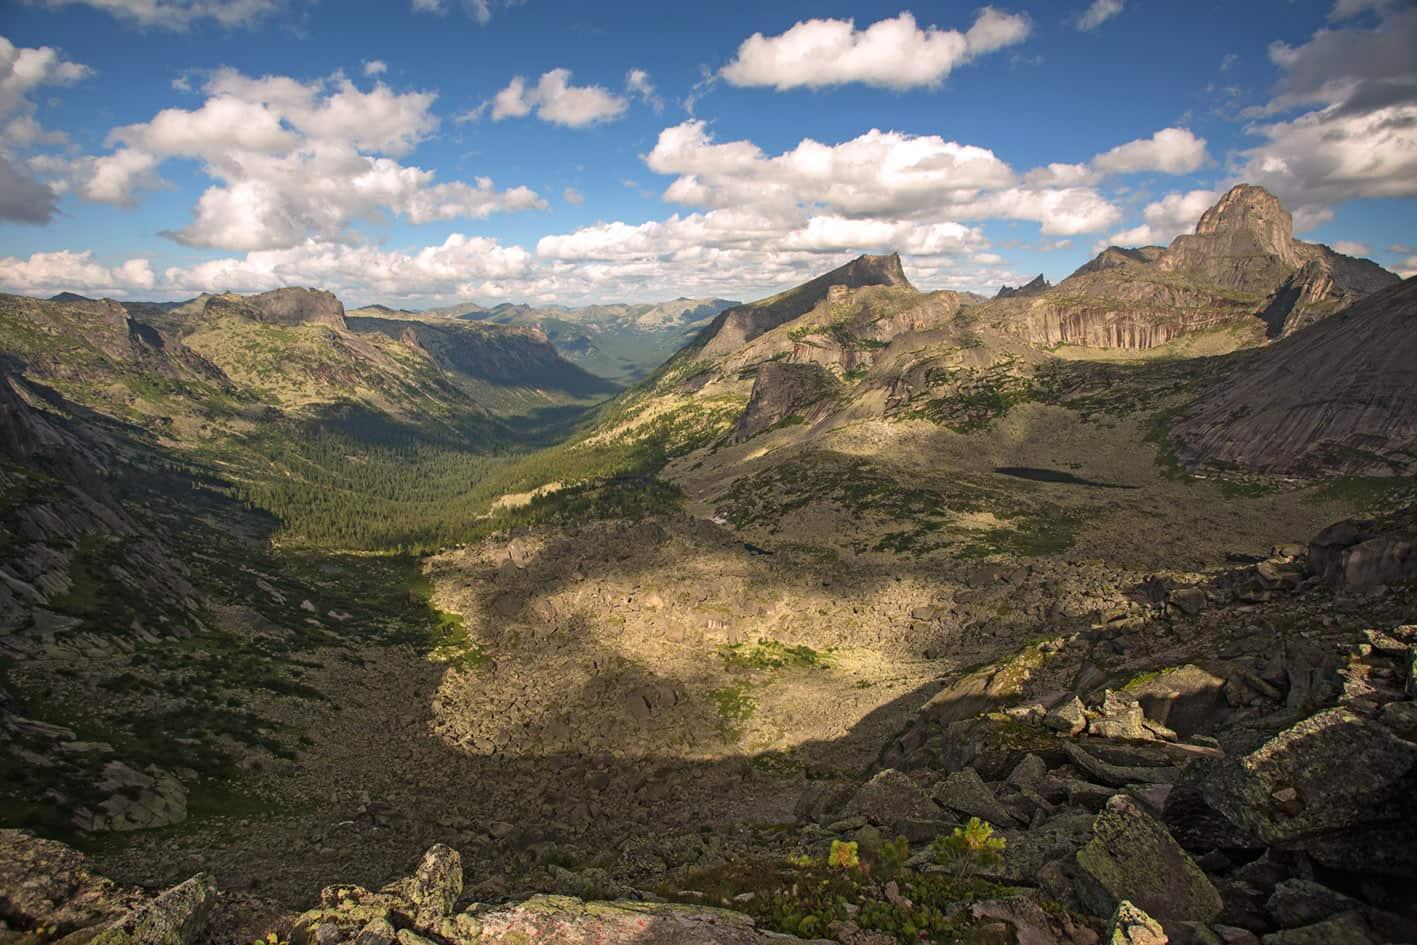 Природный парк Ергаки - хребет Ергаки